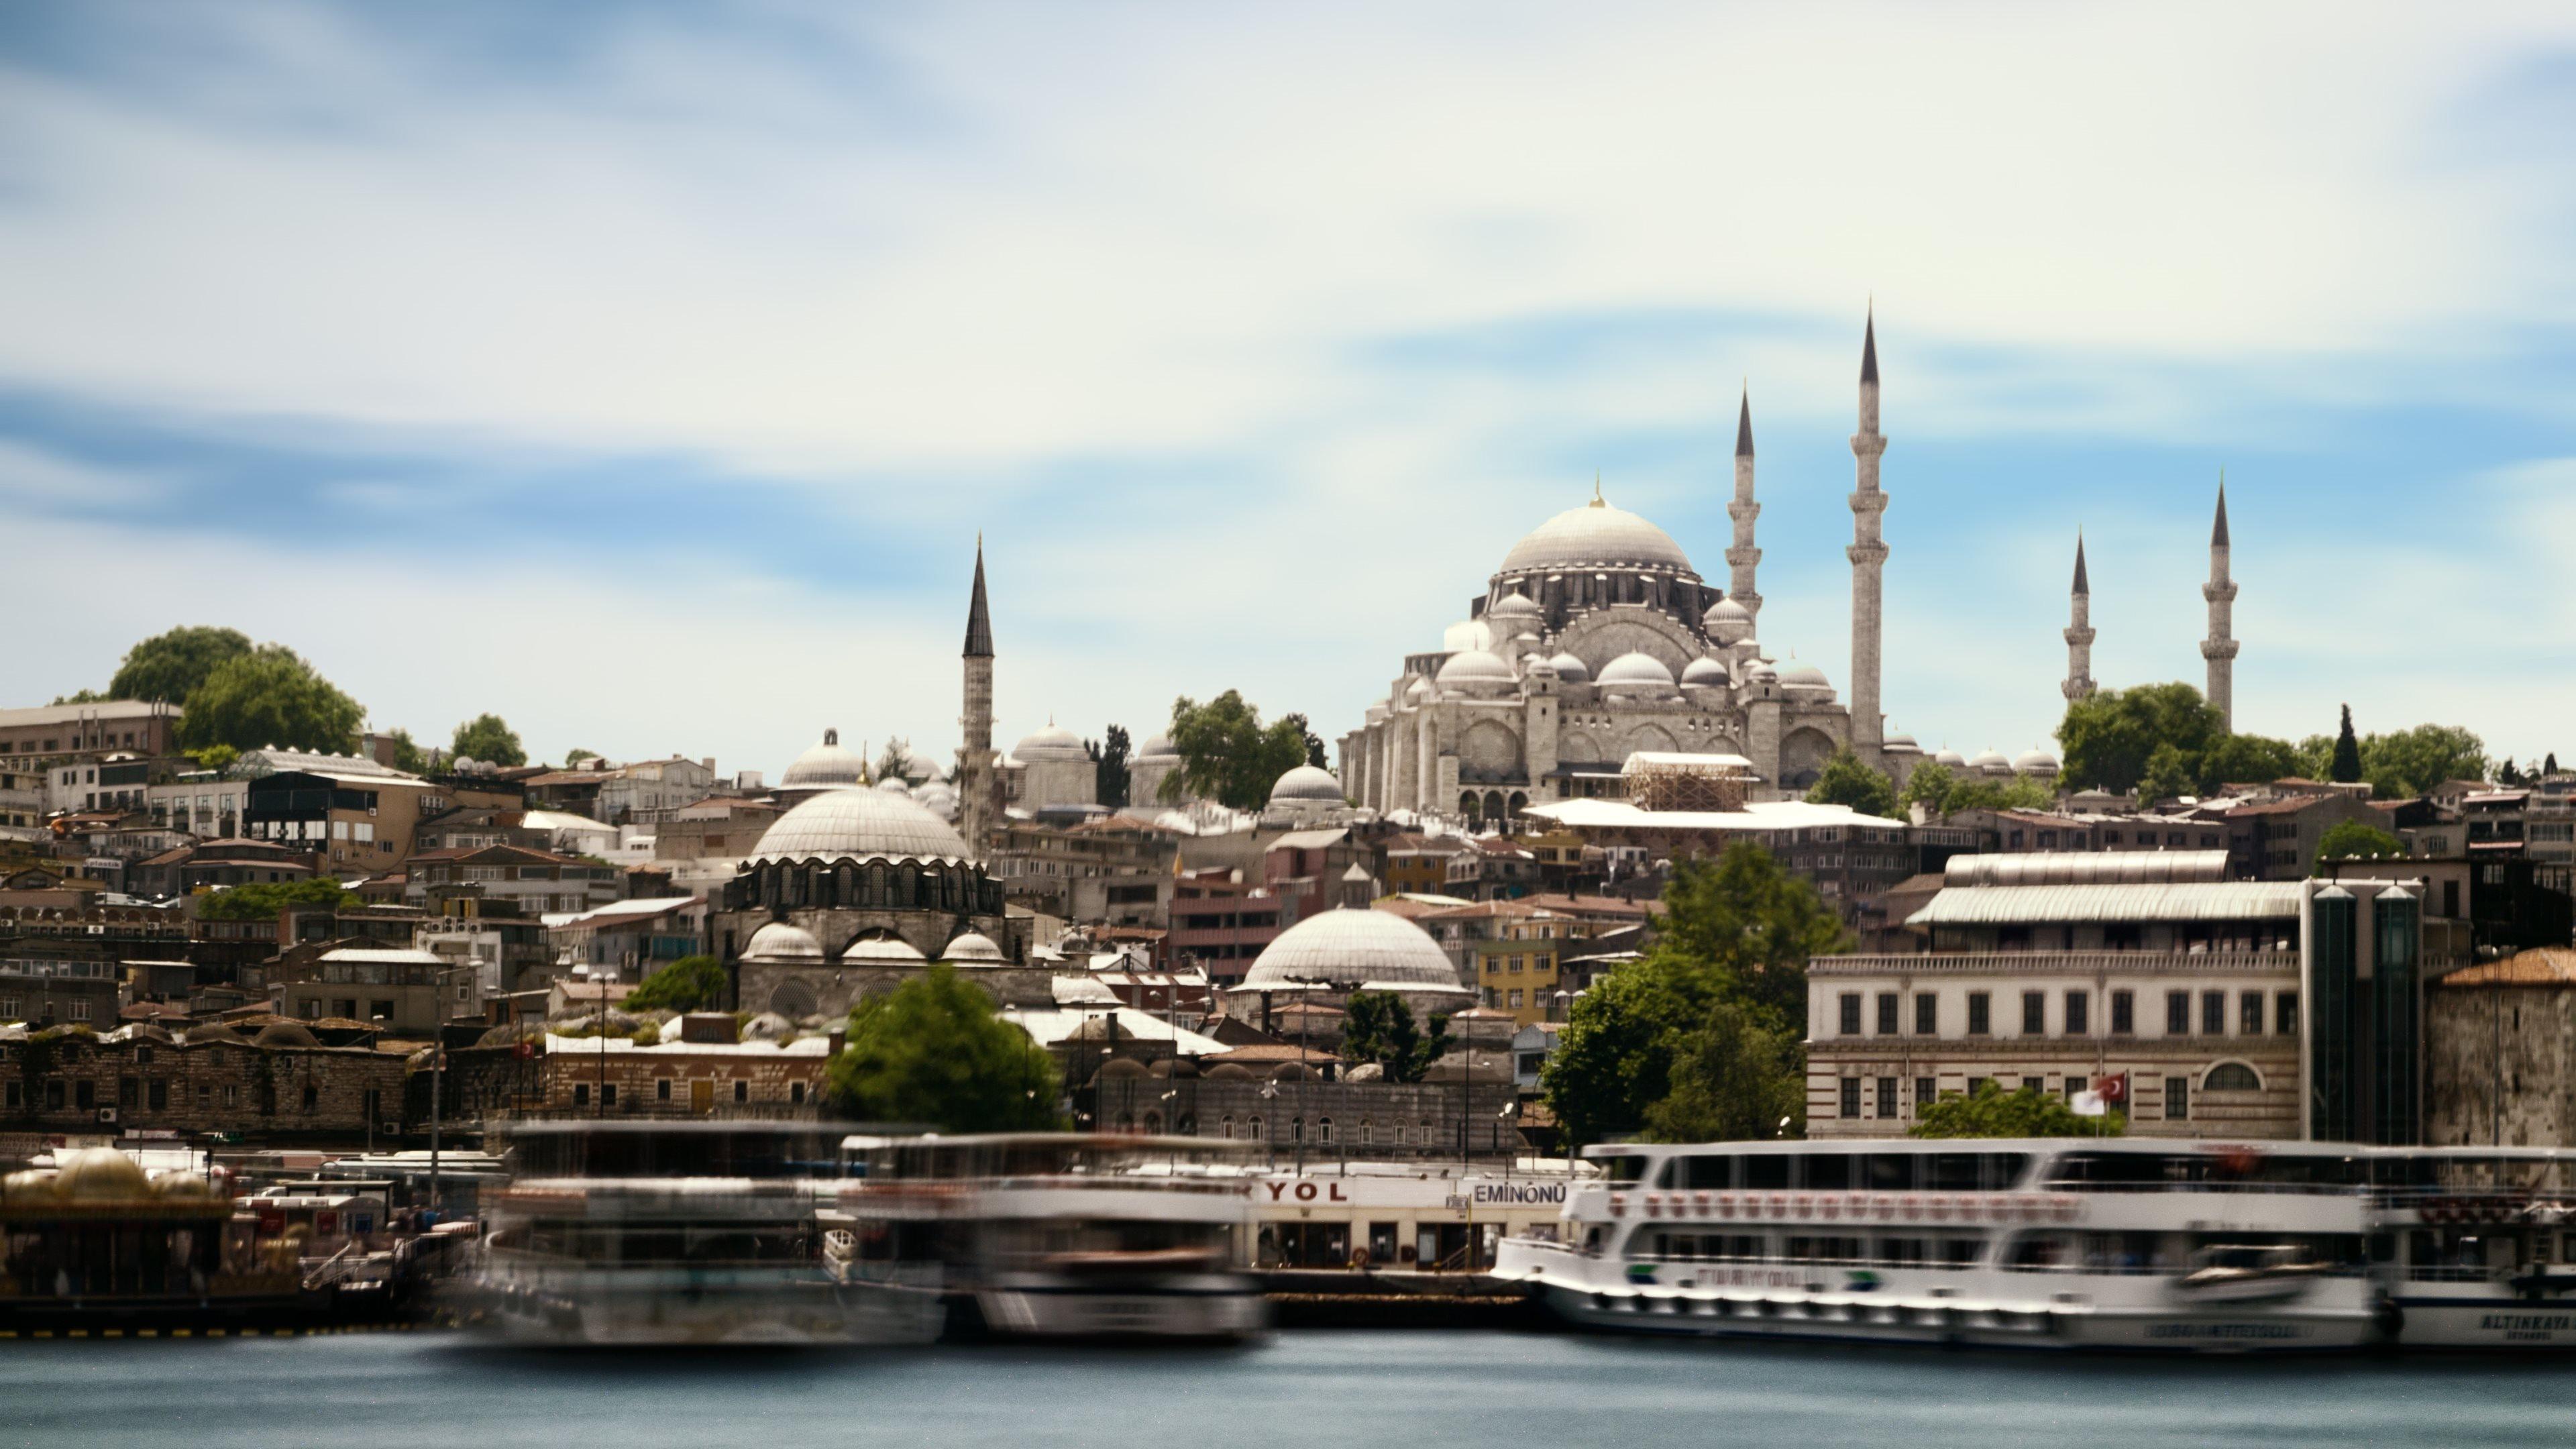 Turkey Wallpapers 3840x2160 Ultra Hd 4k Desktop Backgrounds